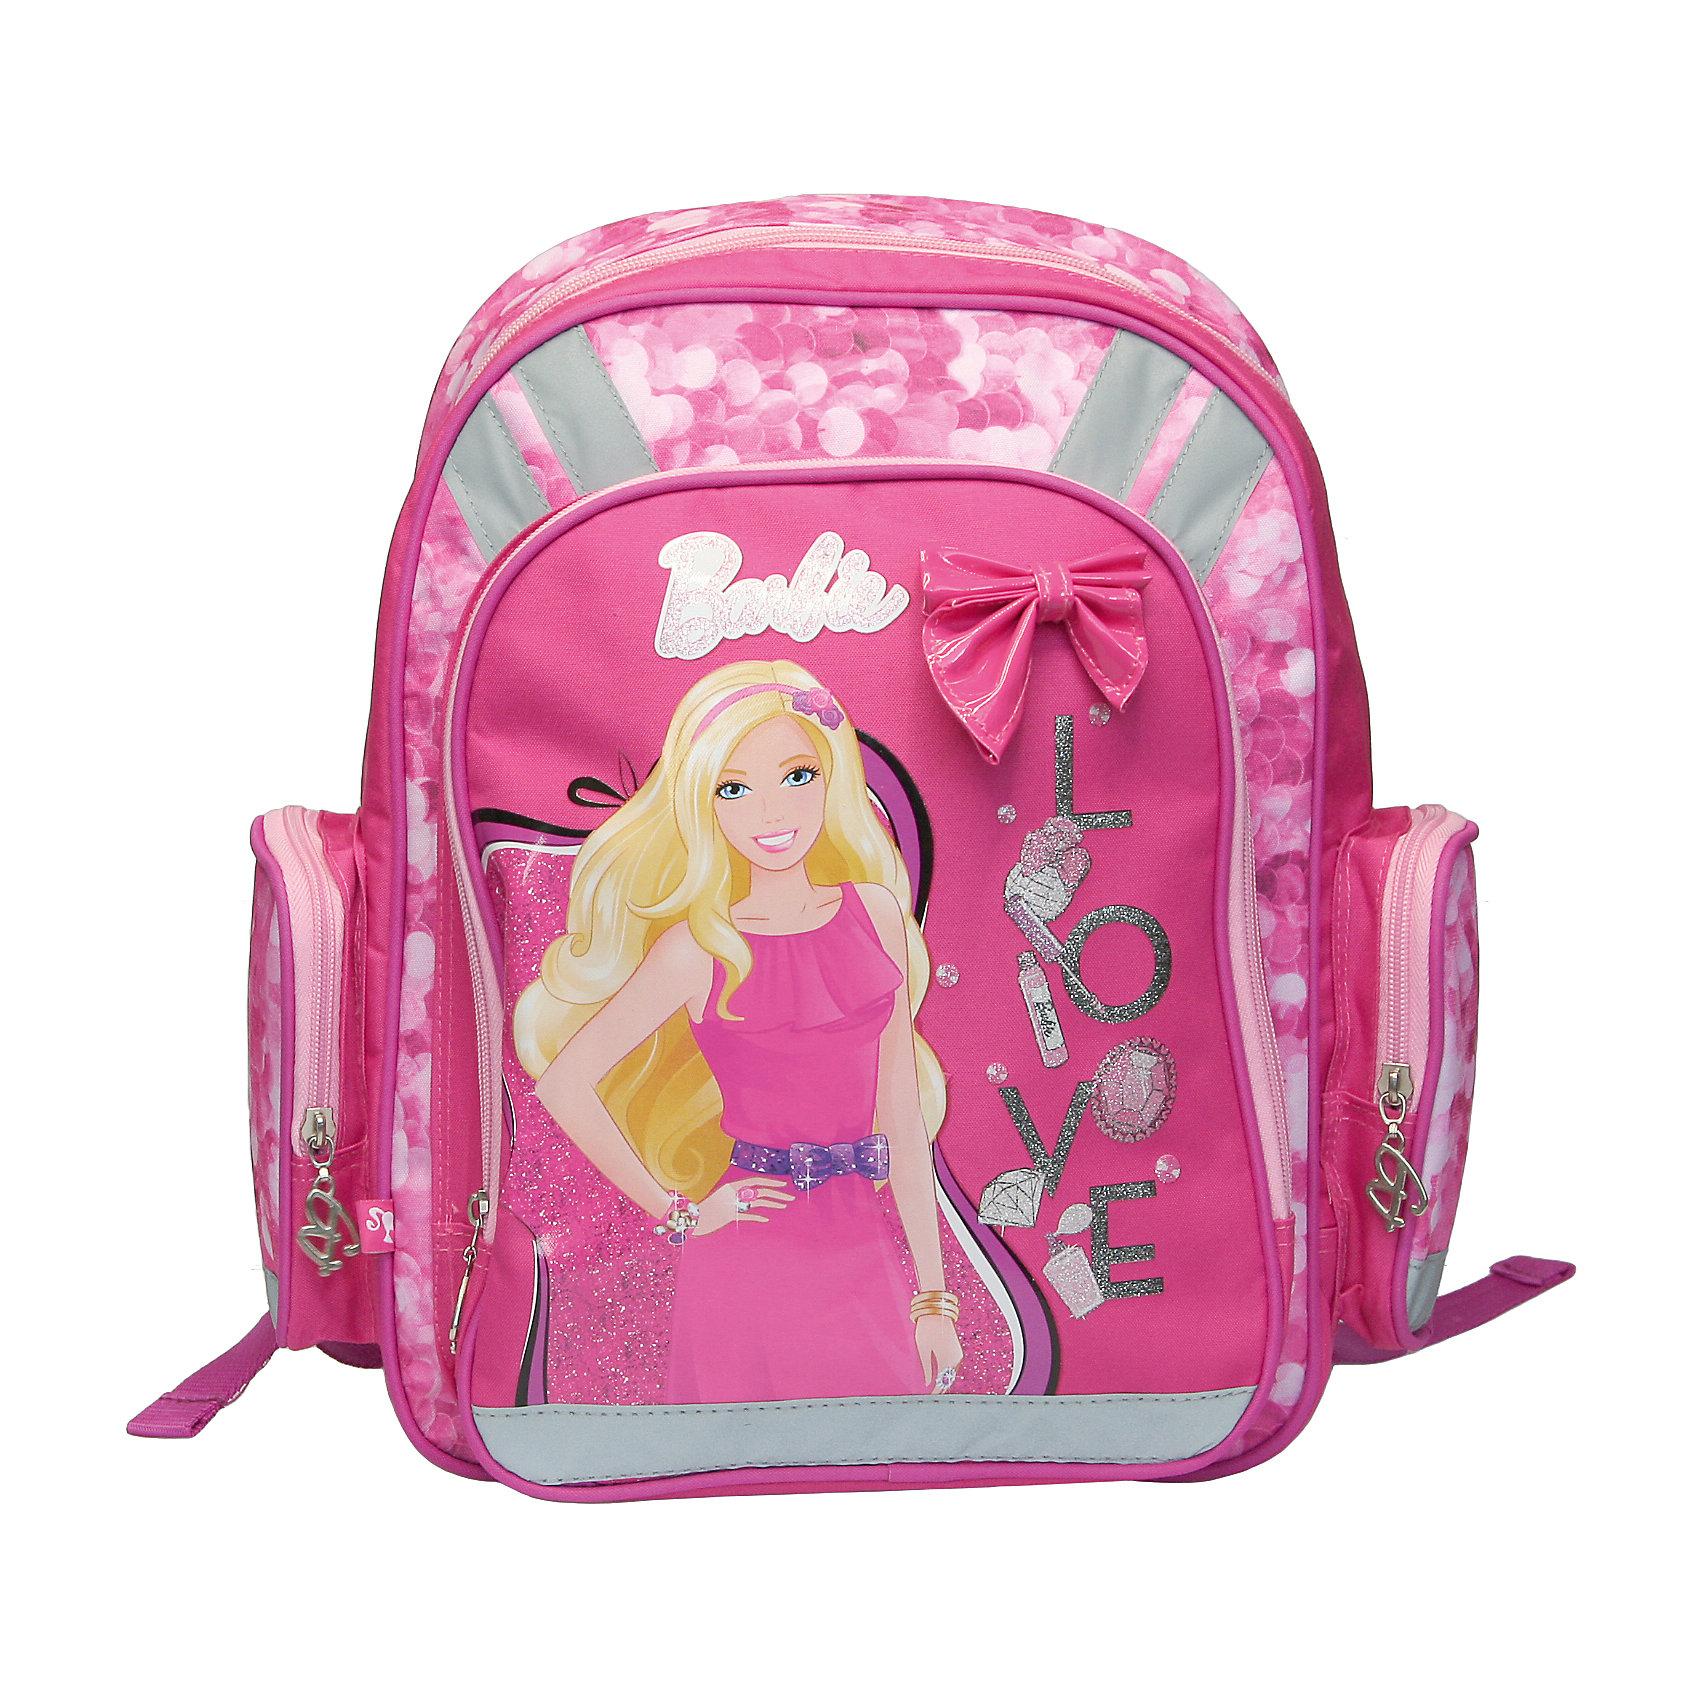 Рюкзак с эргономичной EVA-спинкой и бантиком, Barbie